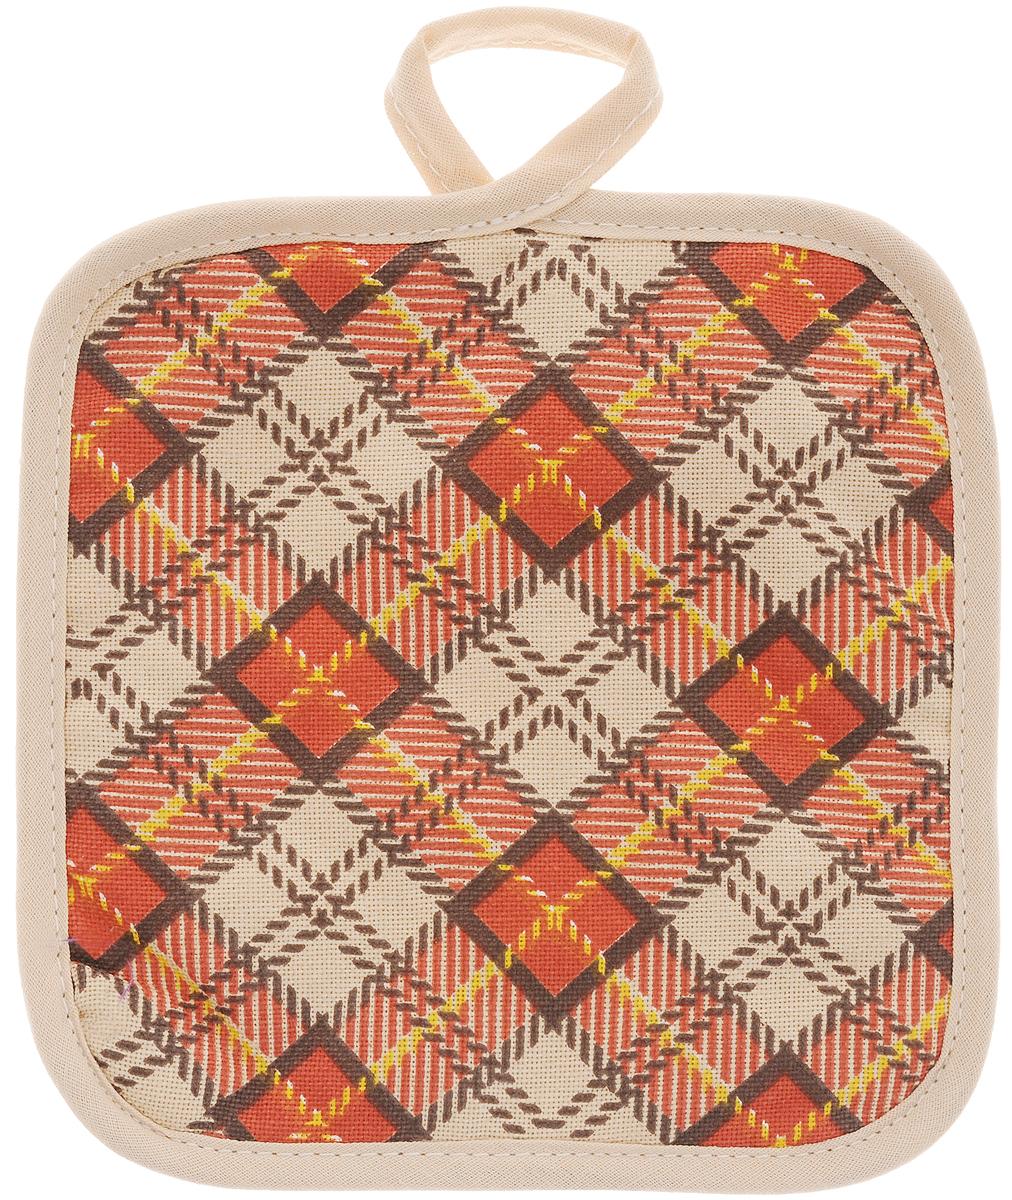 Прихватка Bonita Принц Уэльский, 17 х 17 см15010816399Прихватка Bonita выполнена из натурального хлопка и декорирована оригинальным рисунком. Изделие оснащено специальной петелькой, за которую его можно подвесить на крючок в любом удобном для вас месте. Такая прихватка красиво дополнит интерьер кухни.